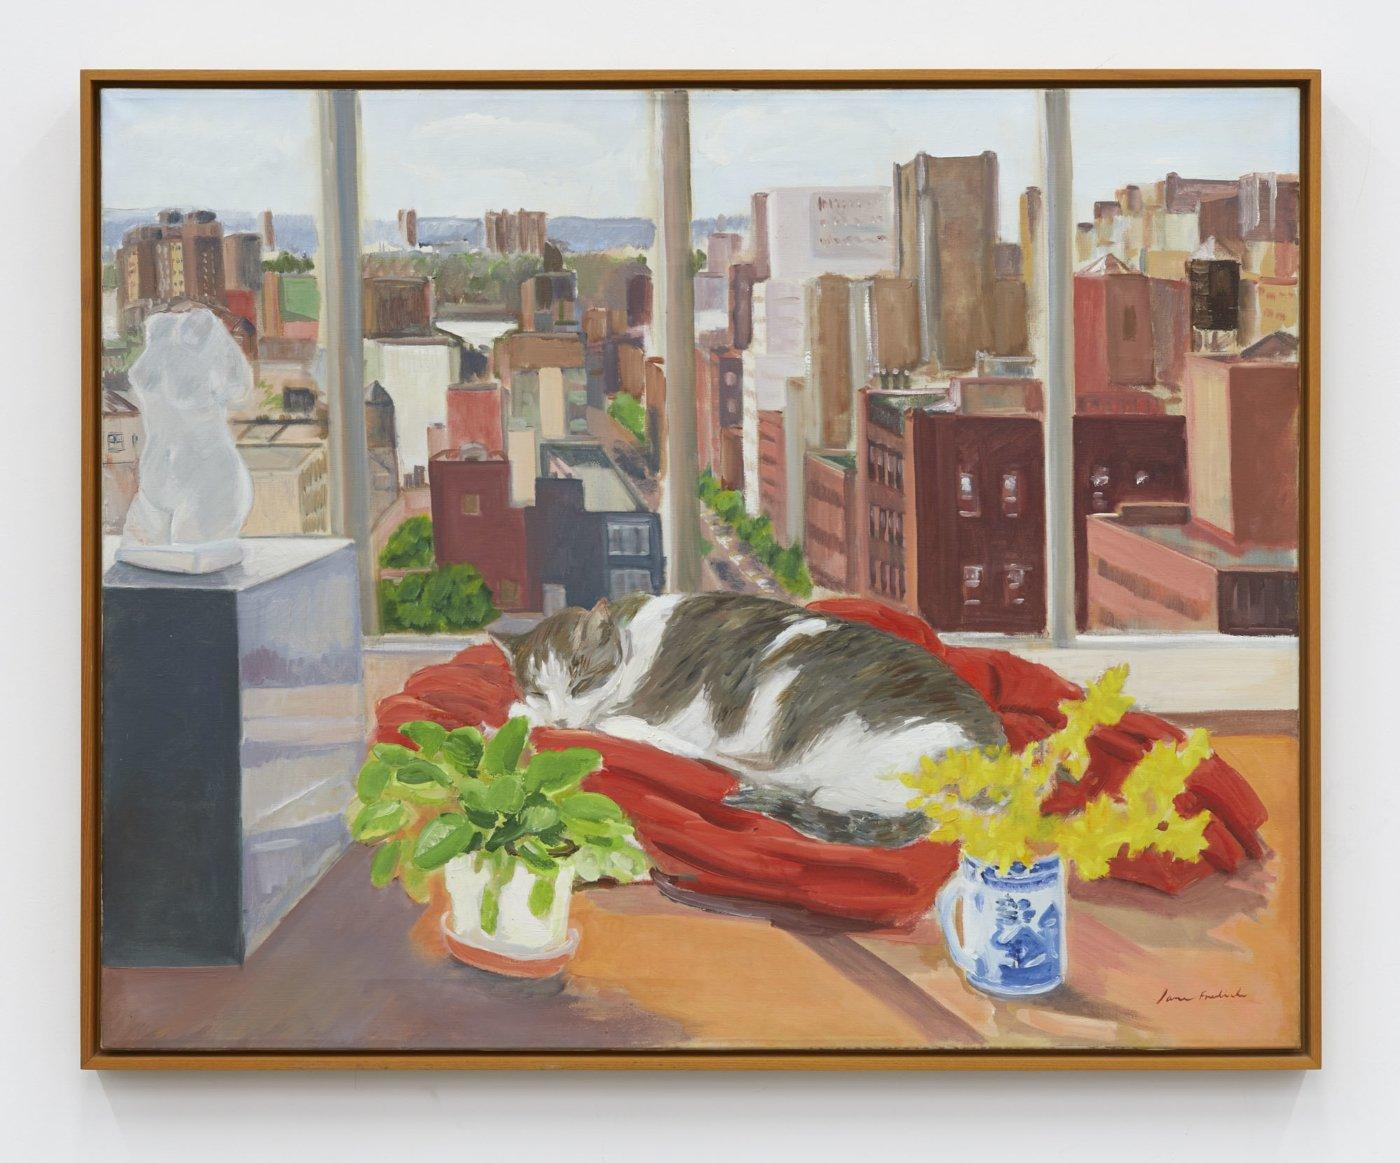 Jane Freilicher,/Cat on Velvet/, 1976, oil on canvas, 81.28 × 101.6 cm